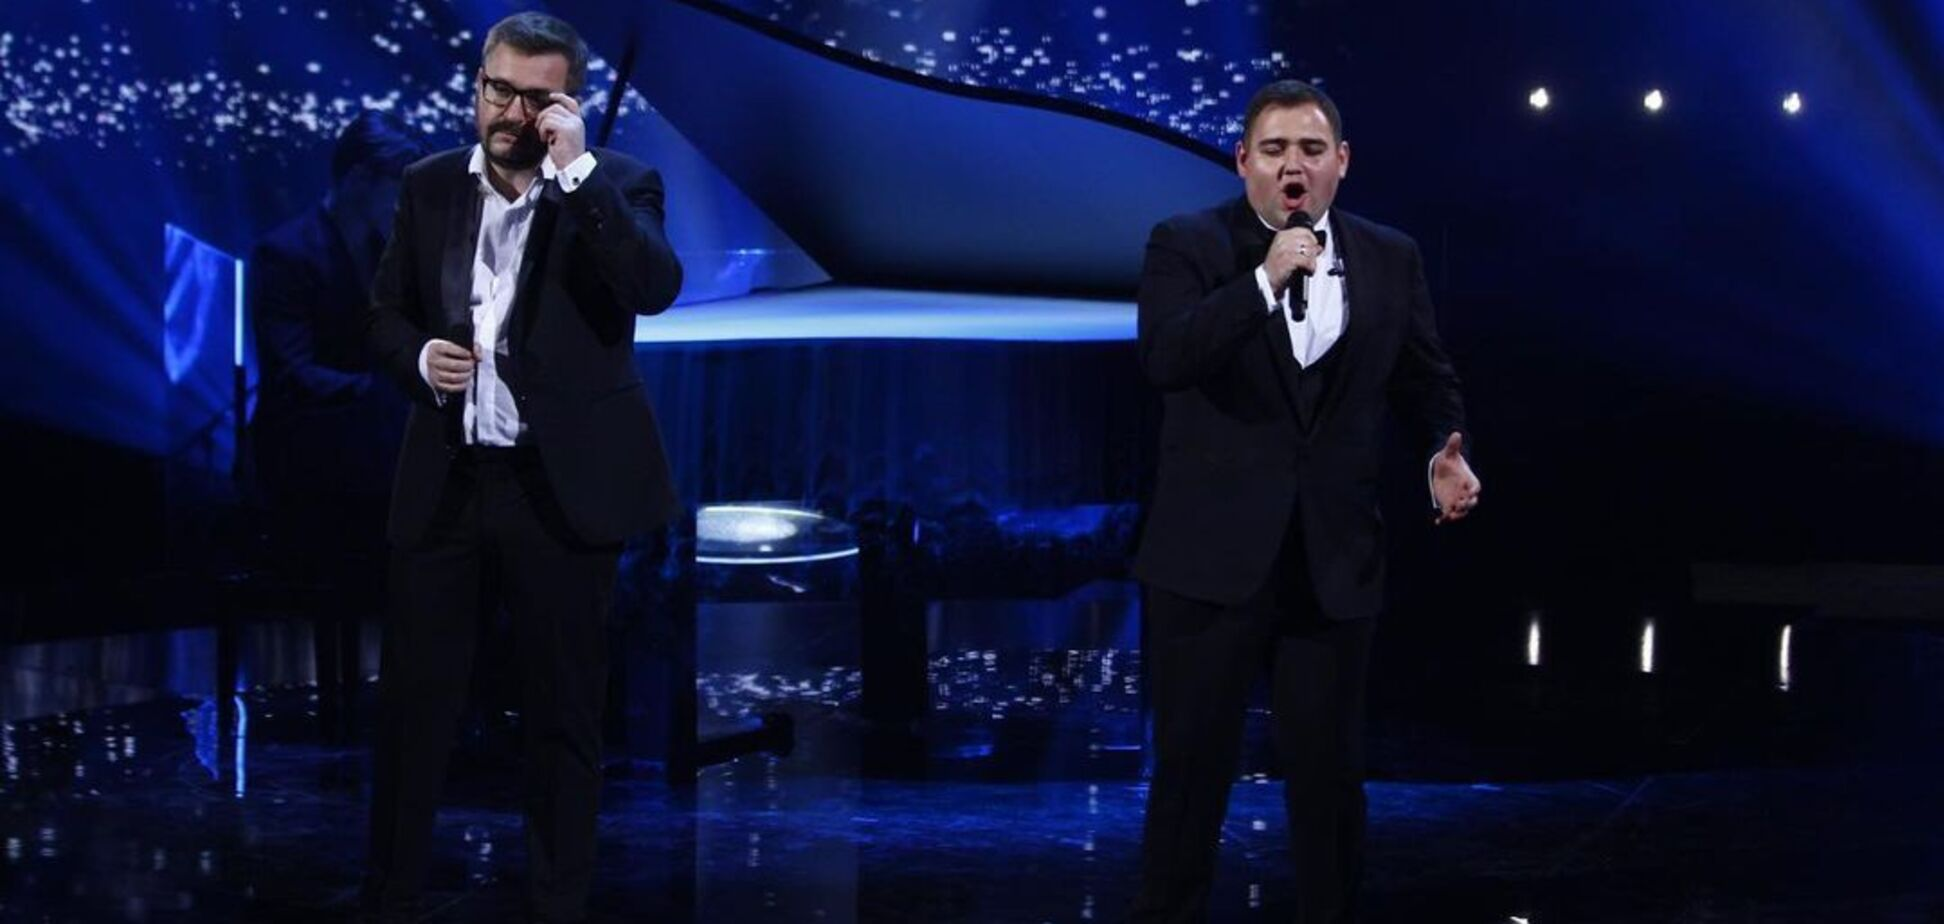 Пономарев душевно спел известный хит с участником 'Голосу країни-11'. Видео